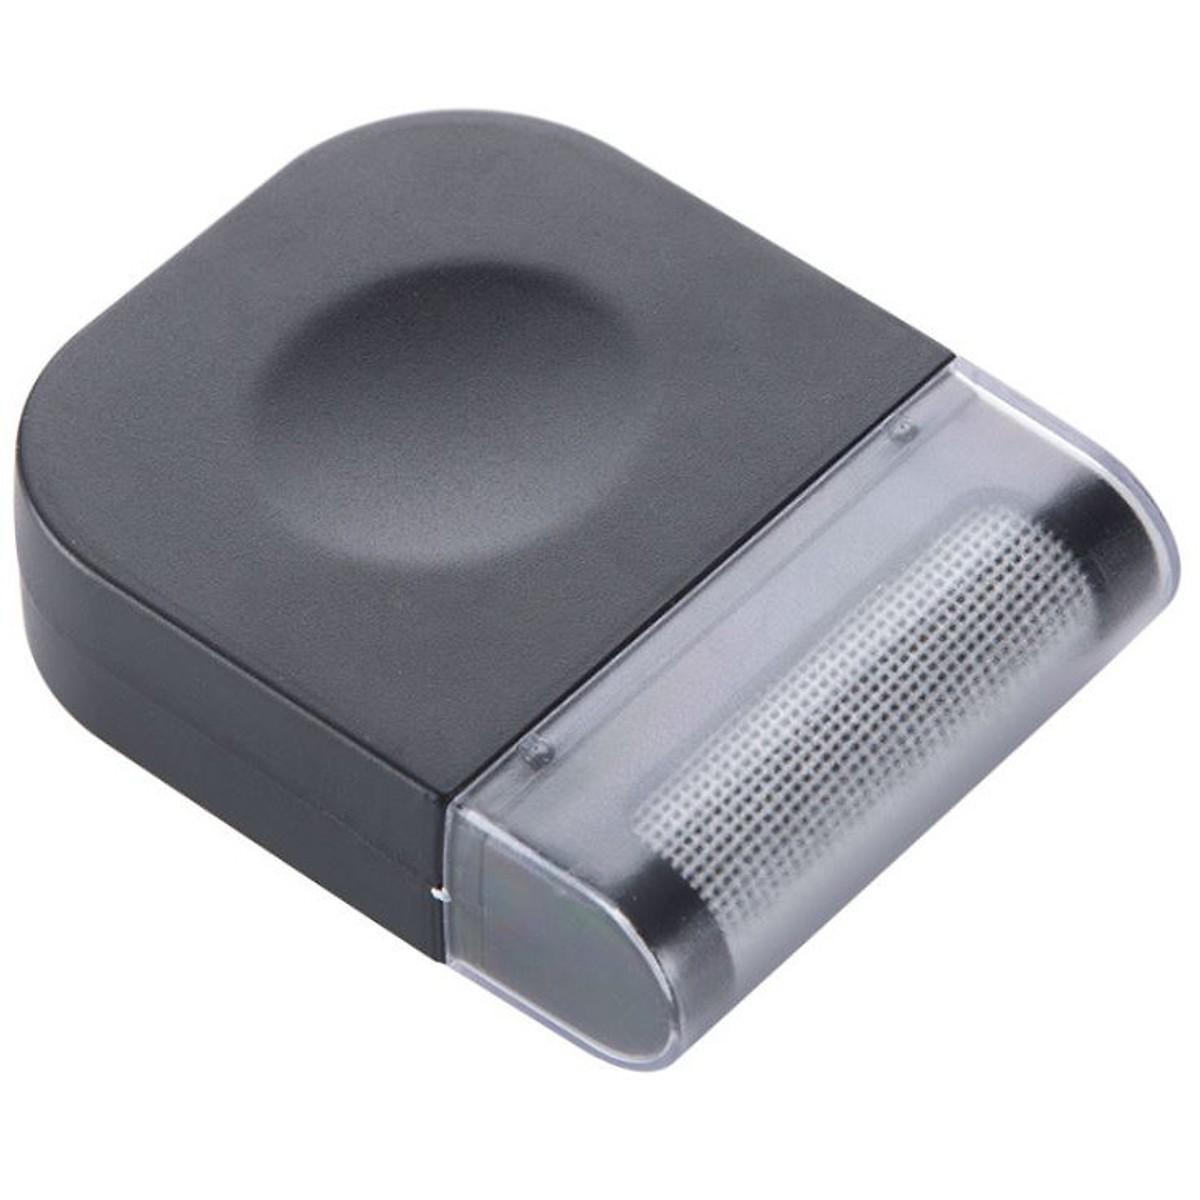 Mã Khuyến Mại Khi Mua Dụng Cụ Cắt Lông Xù Mini Nhỏ Gọn Tiện Dụng - MS.SP001600-KTX